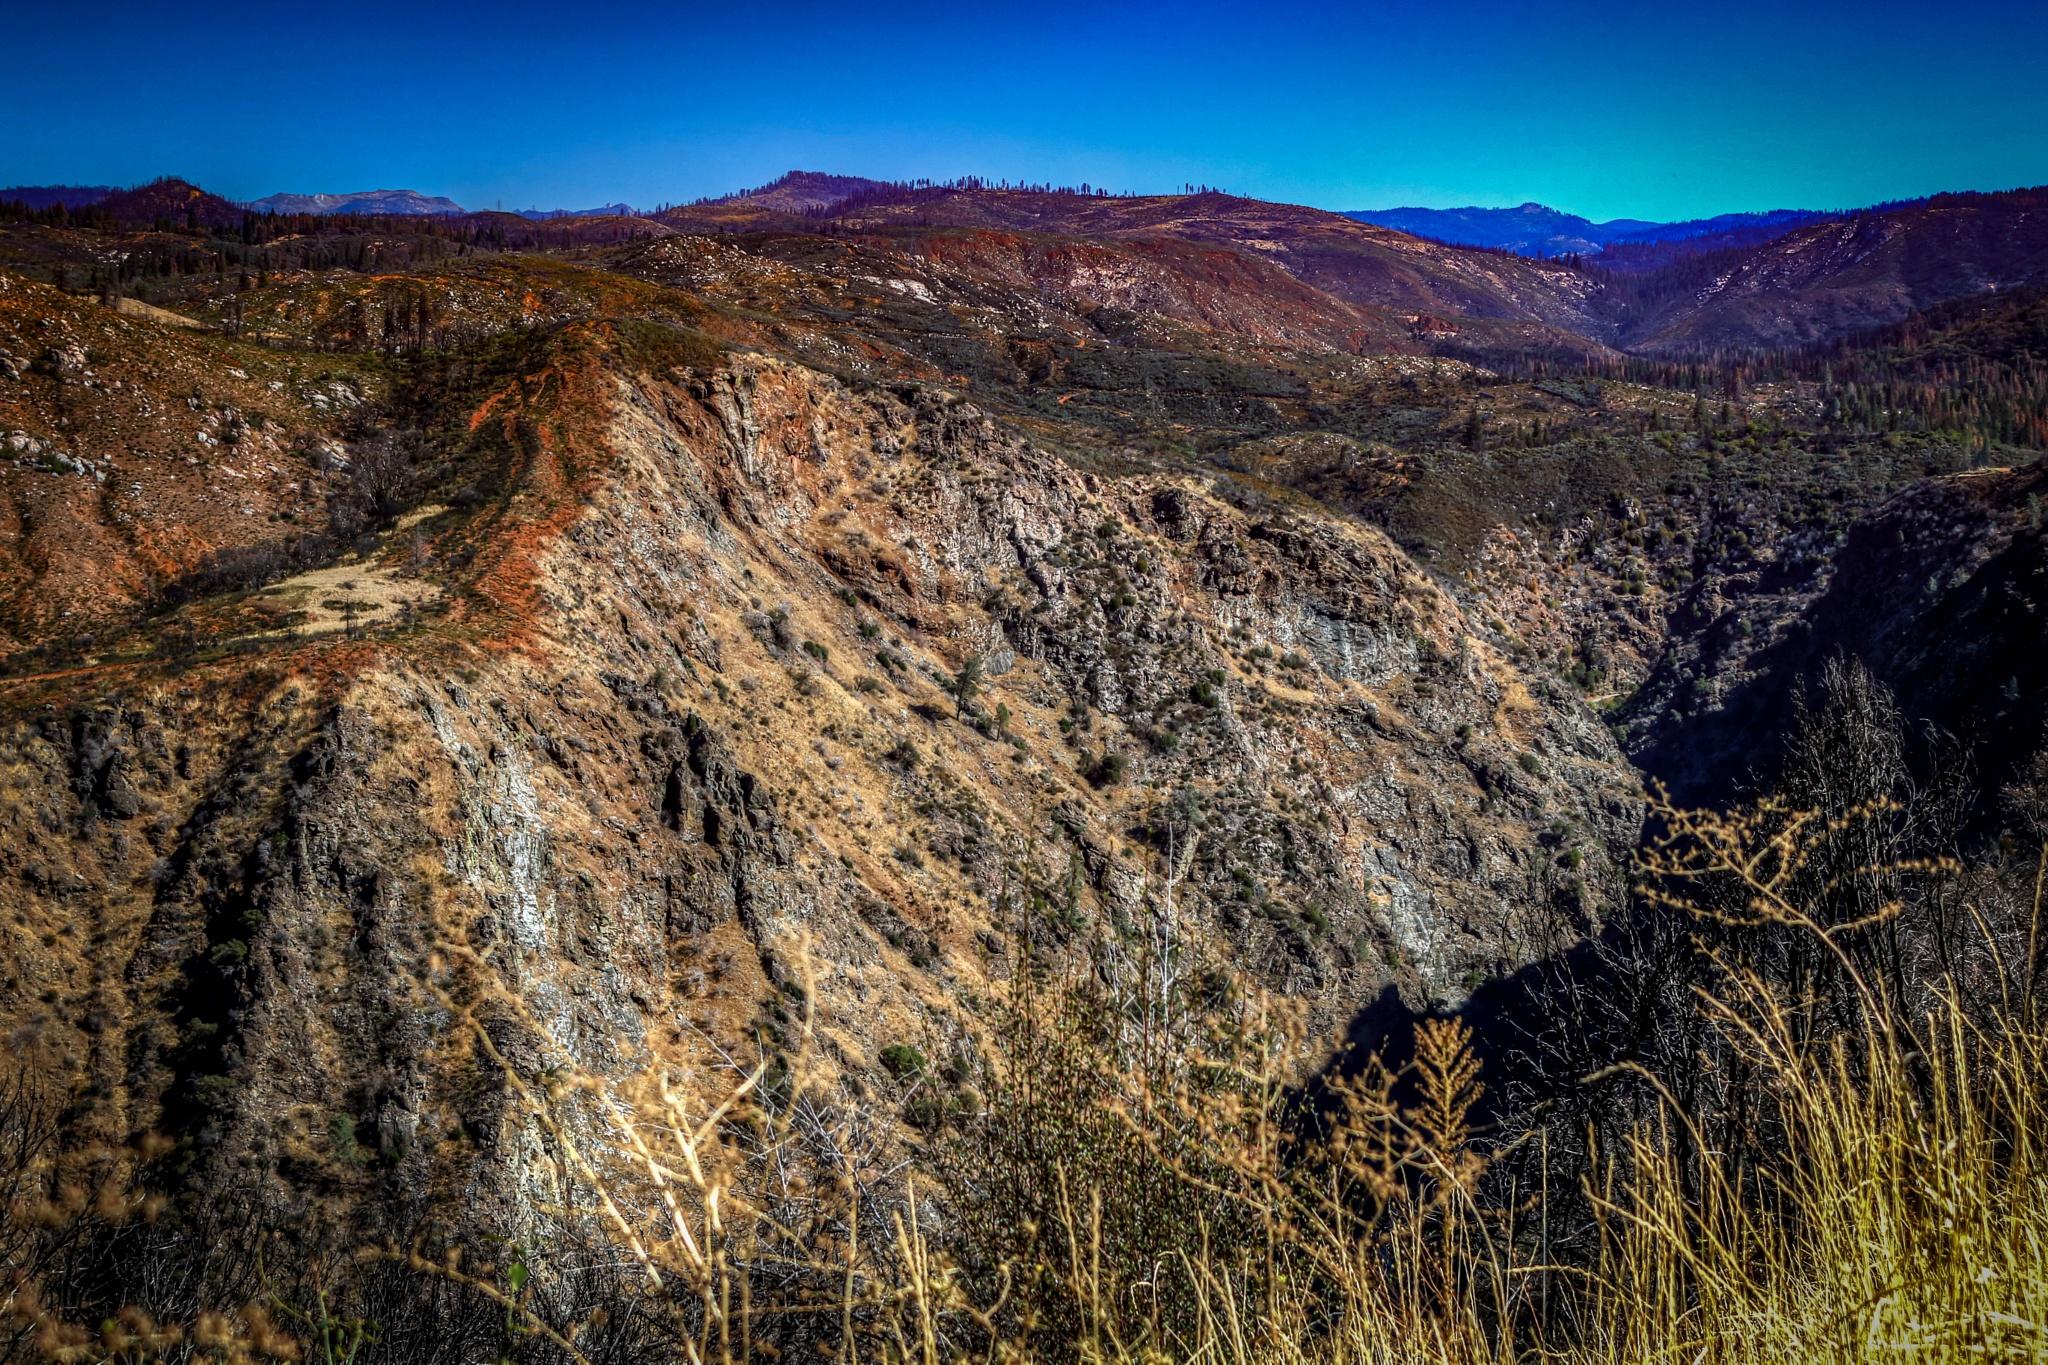 Sierra Foothills II by Catherine